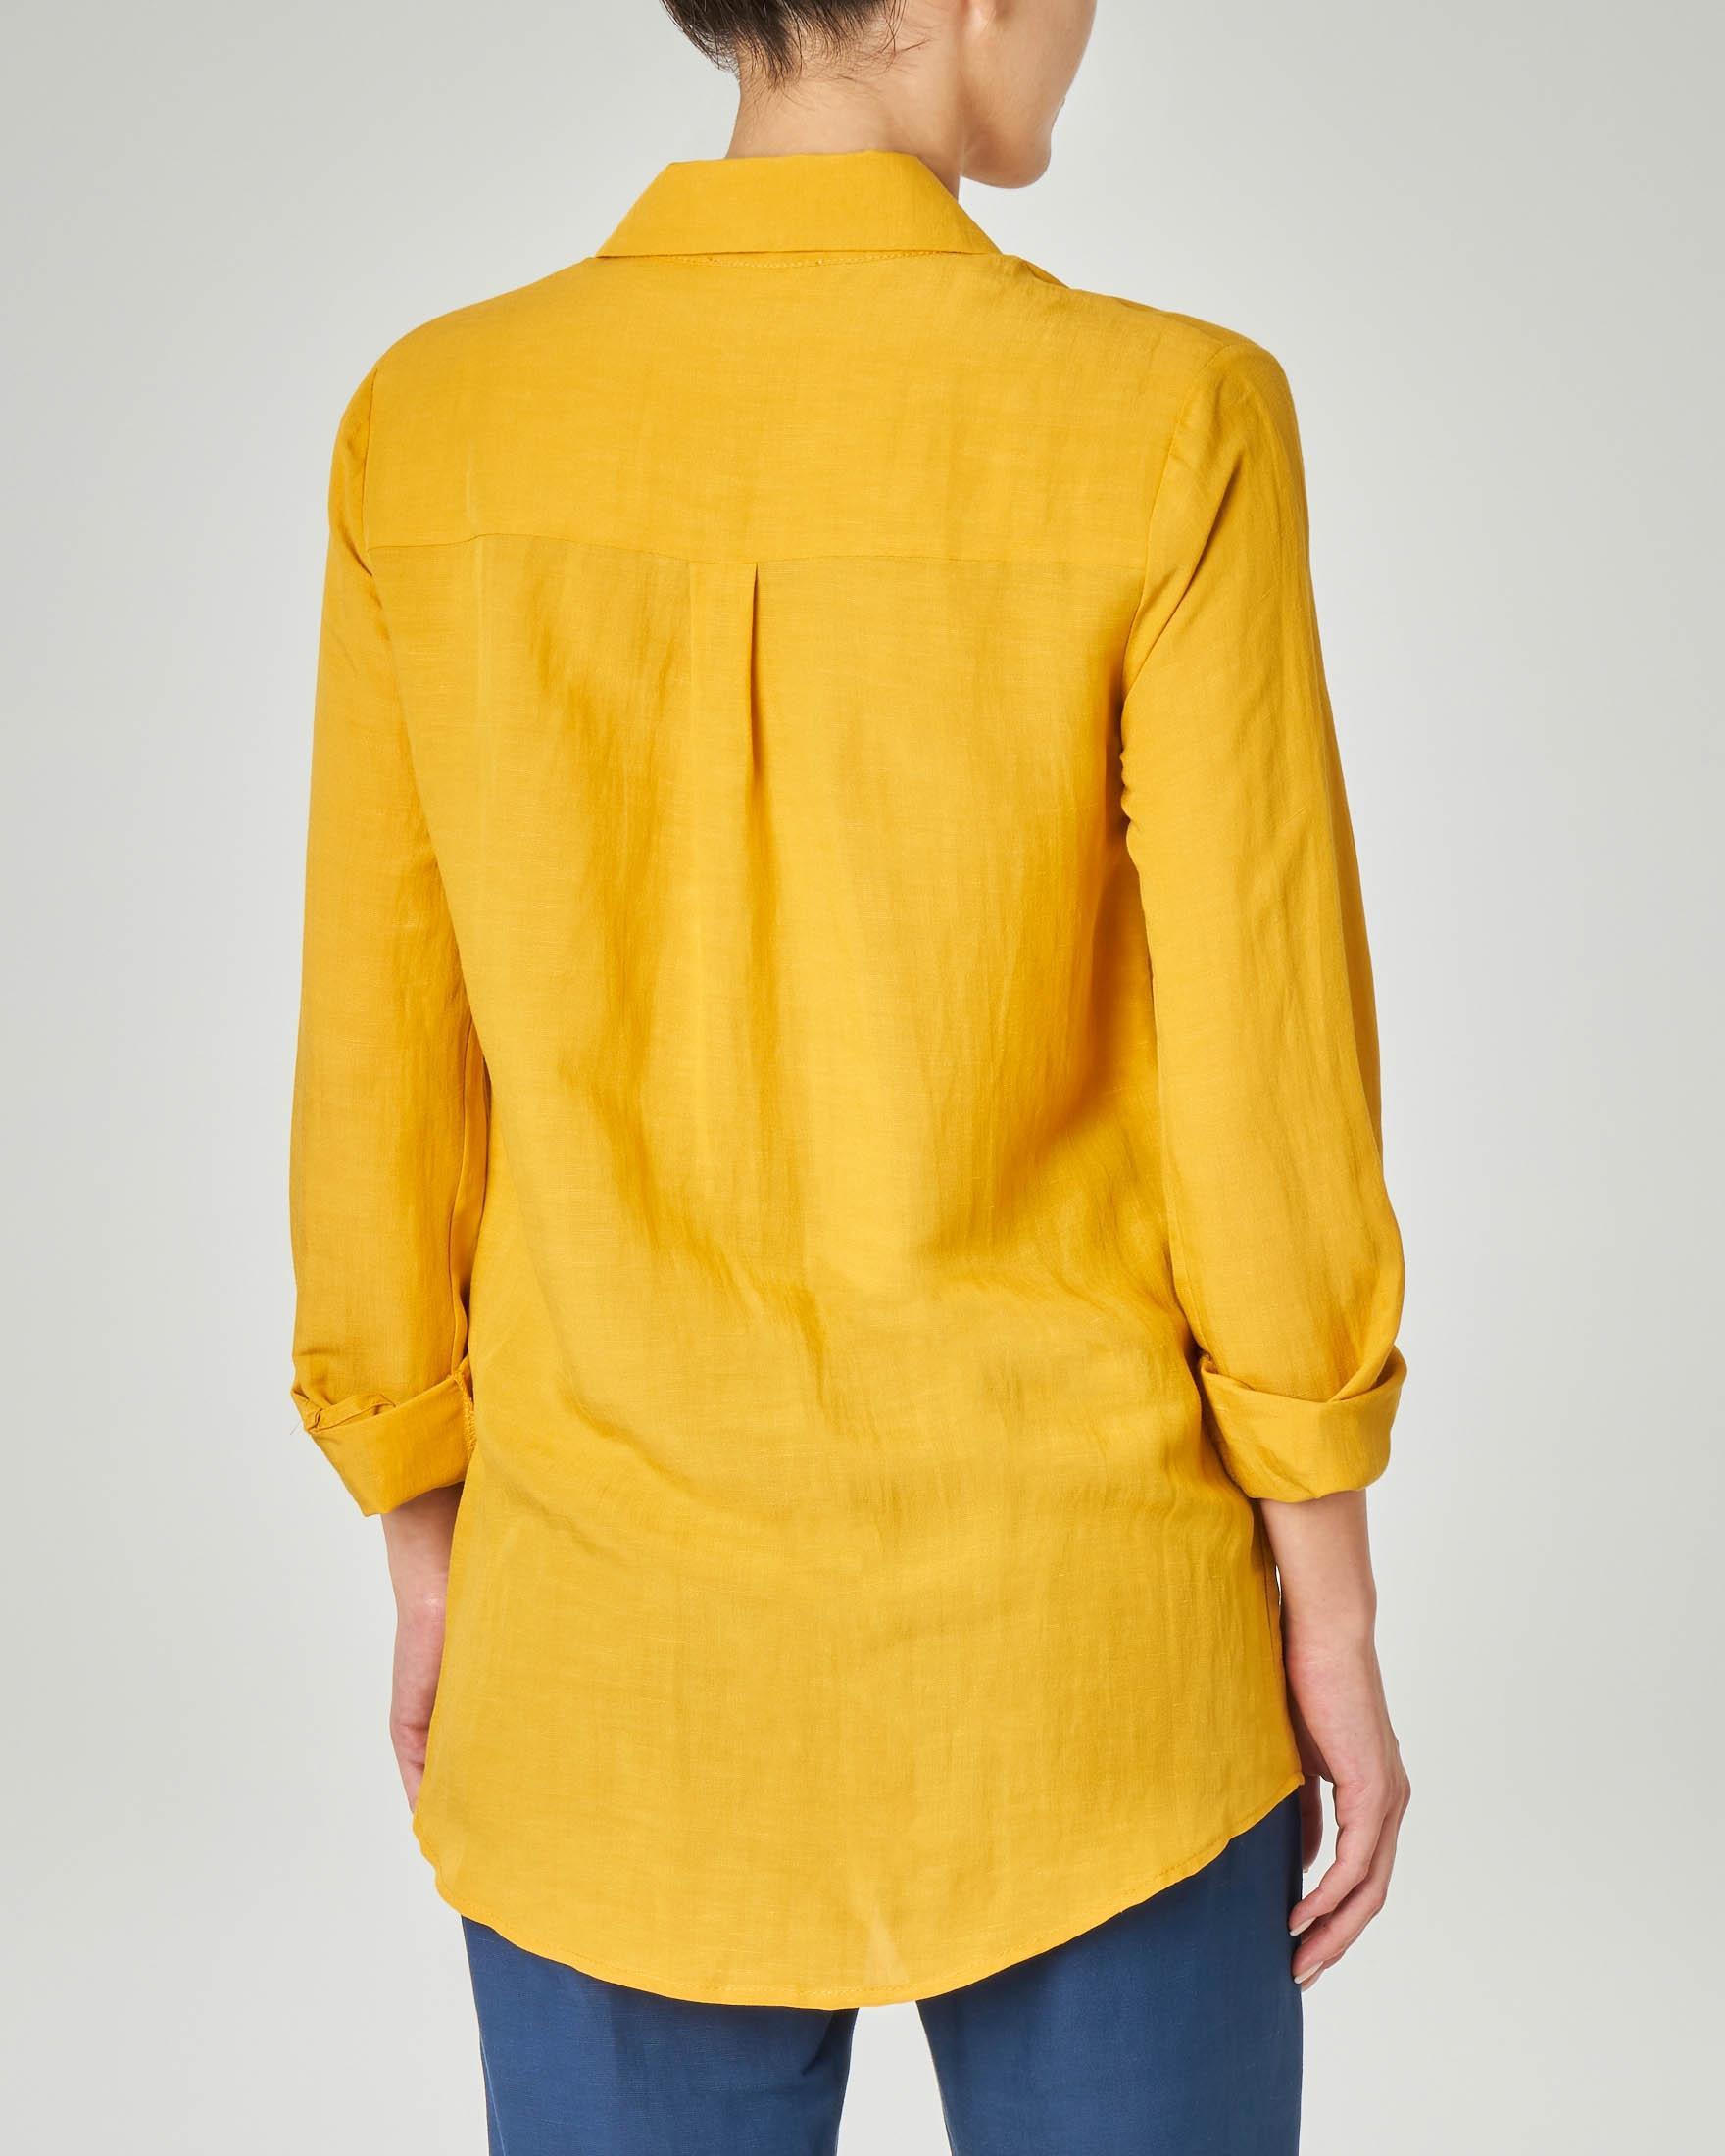 Camicia giallo ocra in viscosa misto lino con taschino